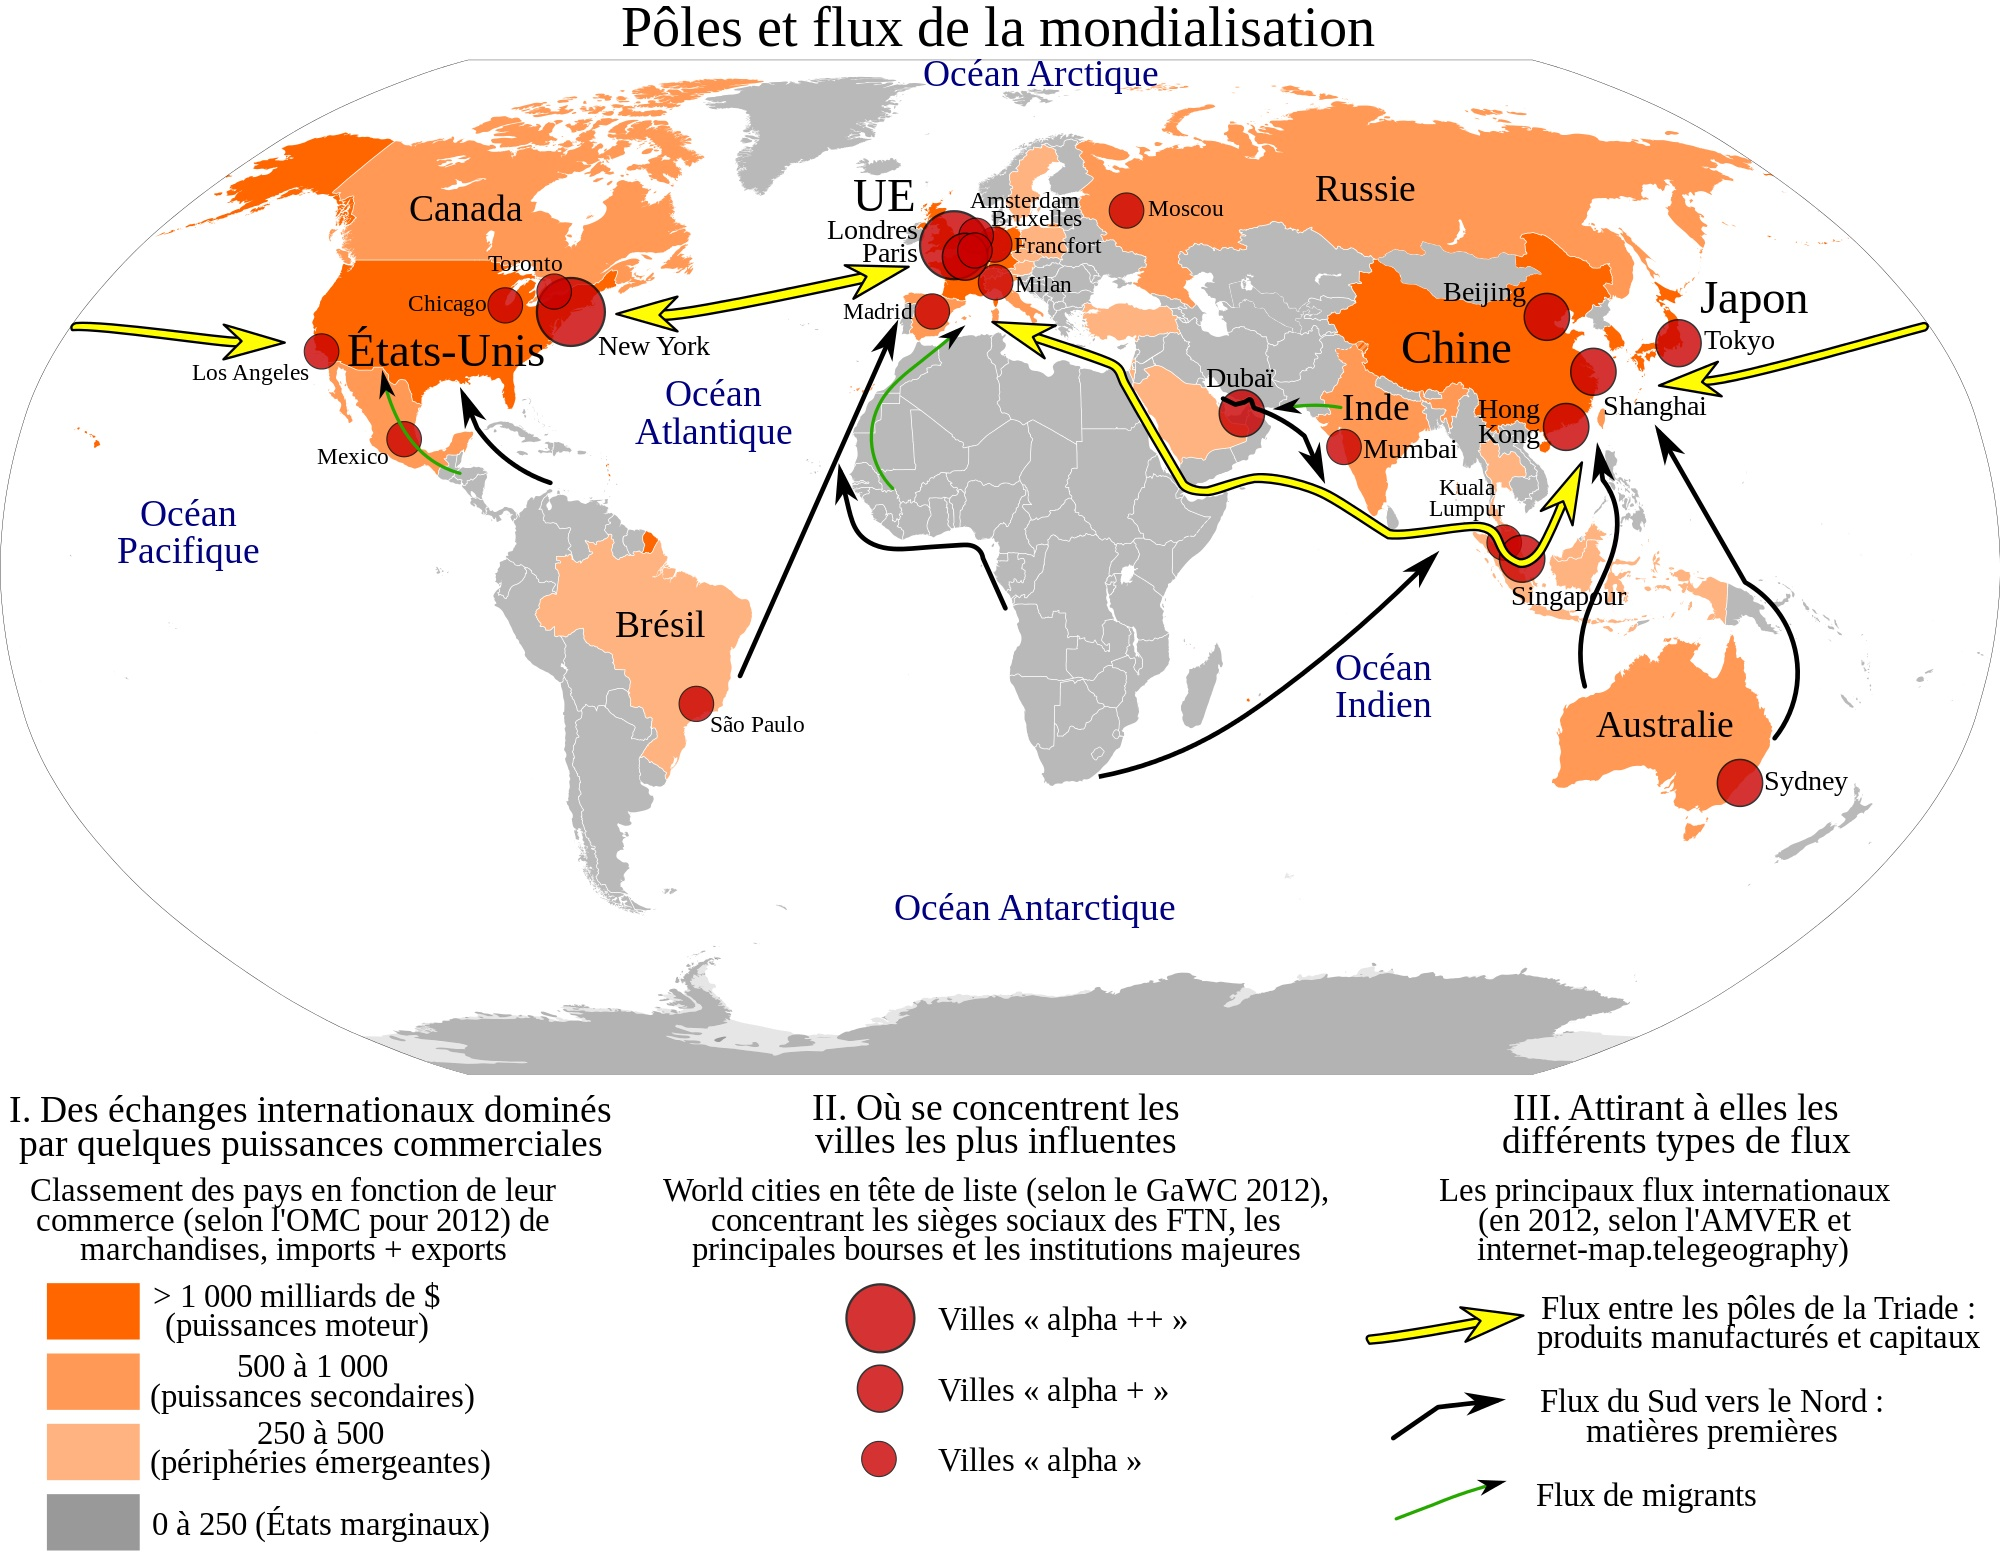 pôles et flux de la mondialisation carte bac Croquis : pôles et flux de la mondialisation   librecours.eu